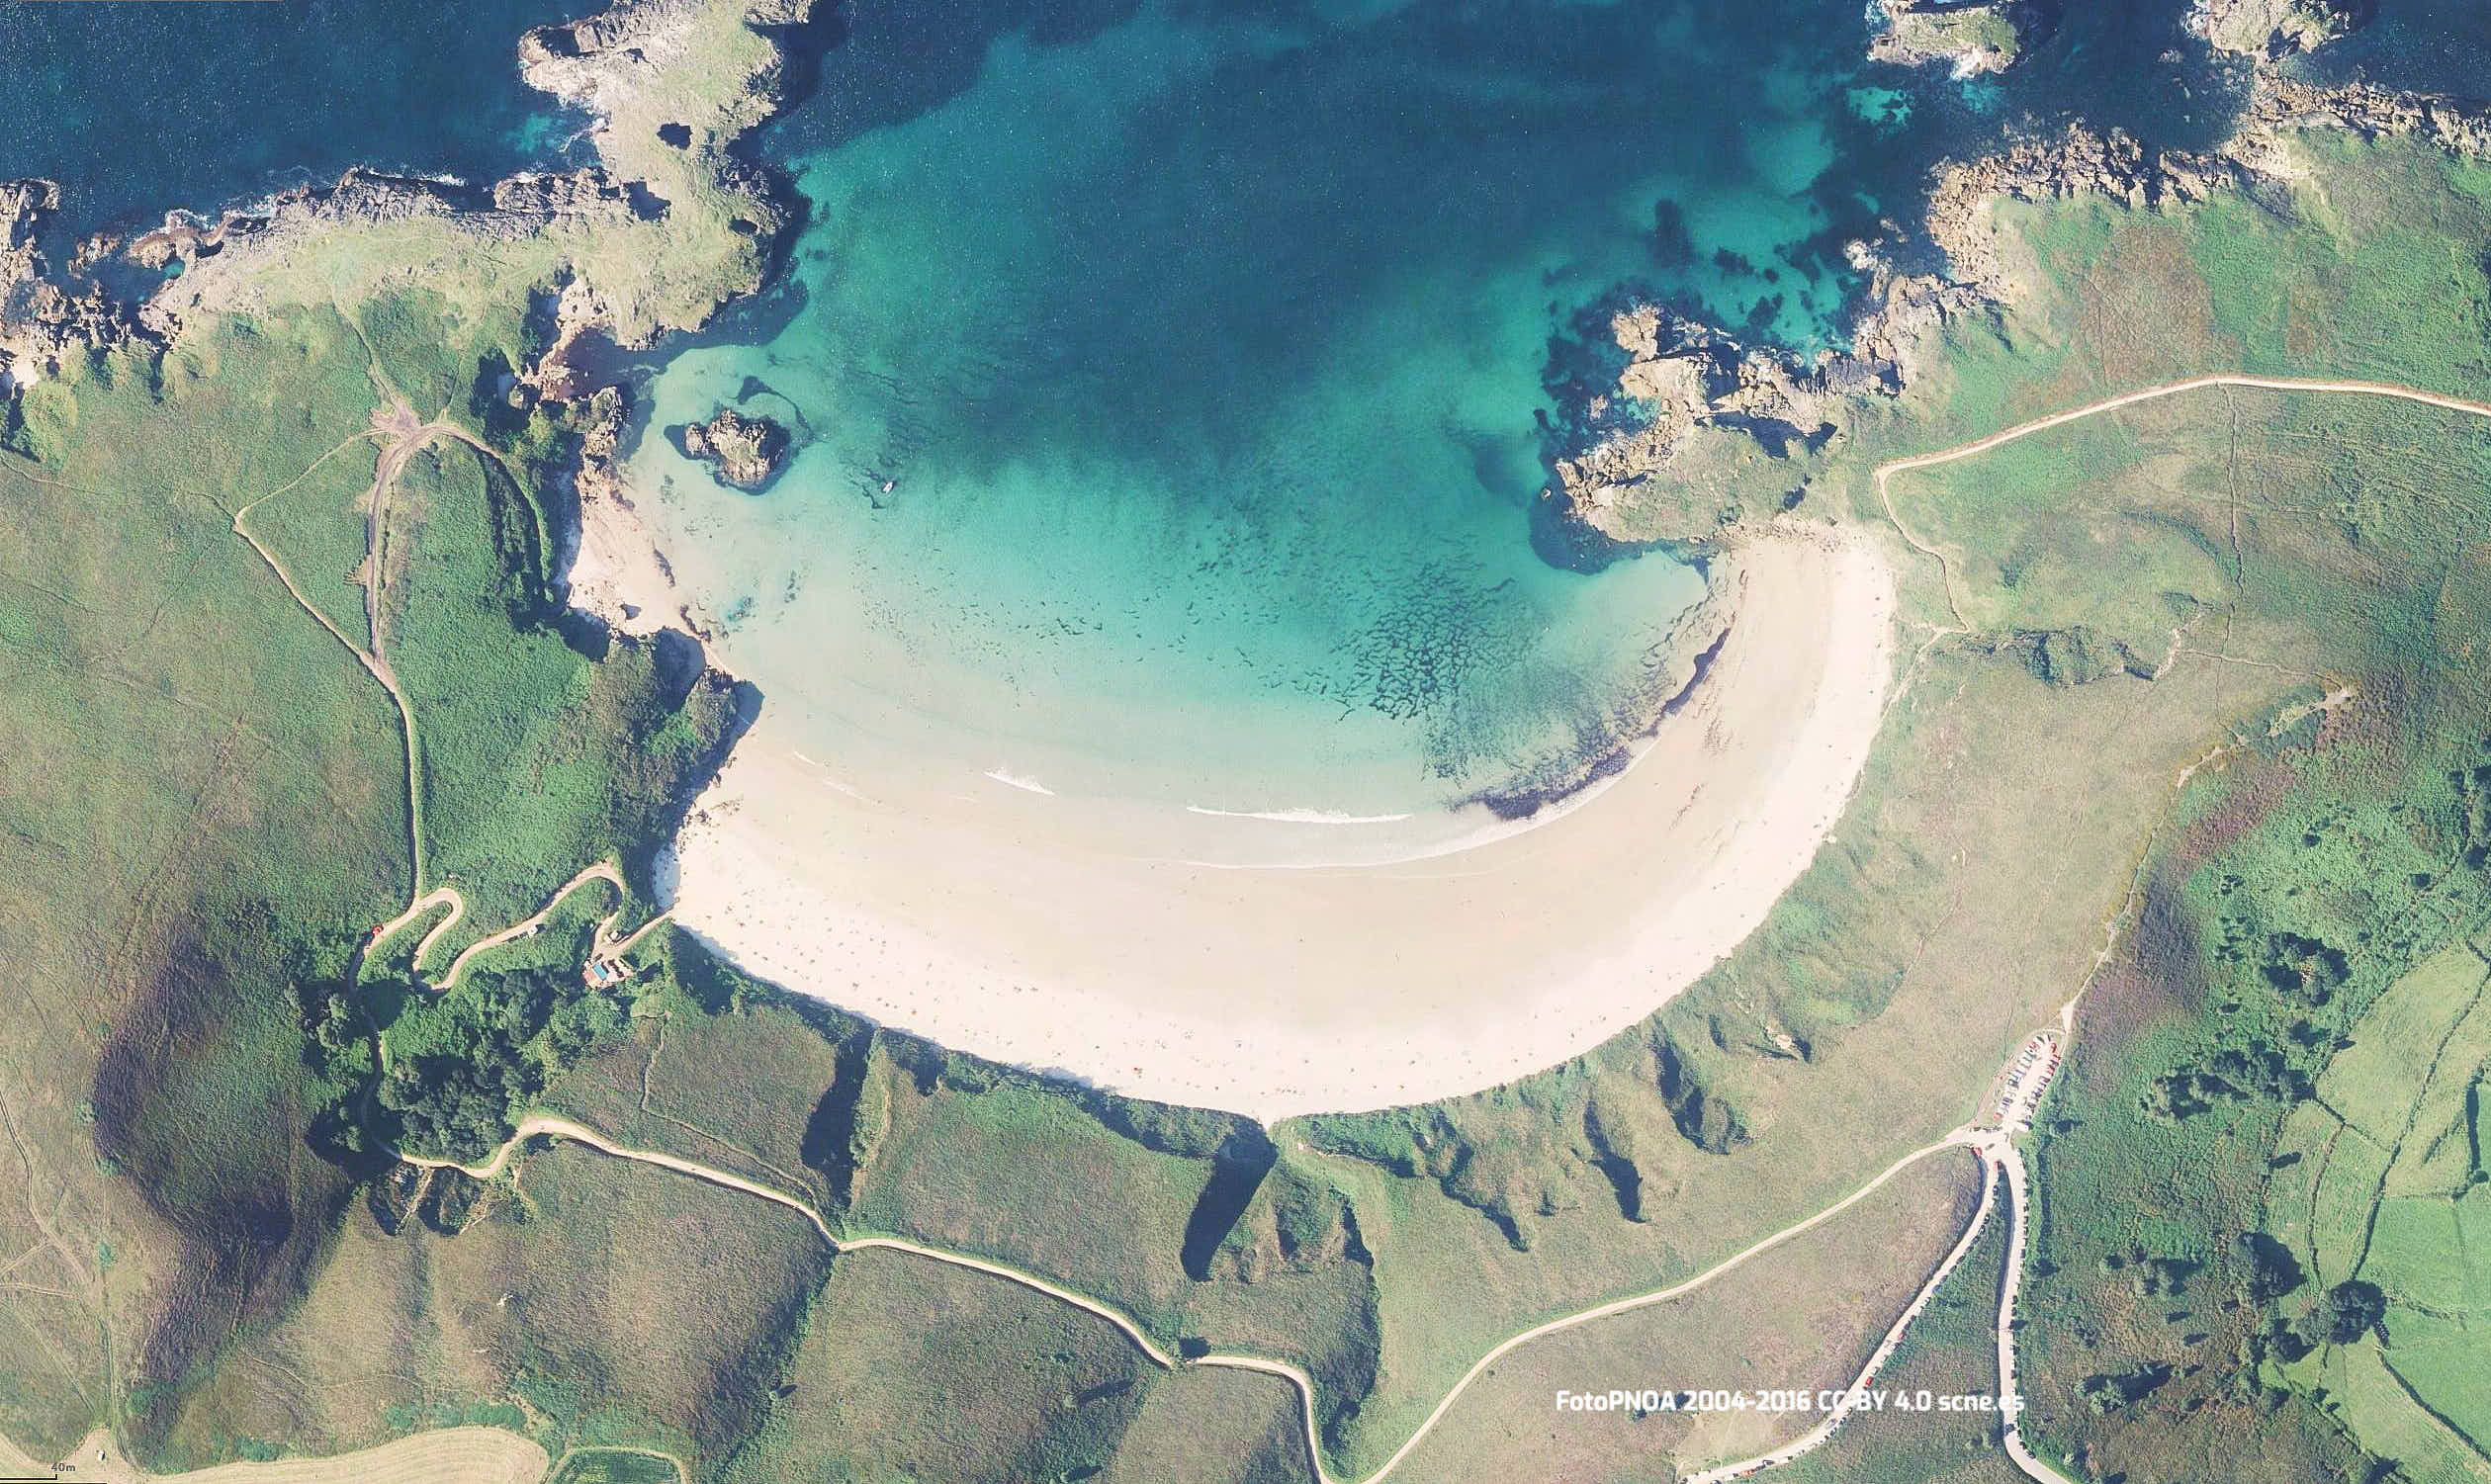 Vista aérea de la Playa de Torimbia en Llanes, Asturias